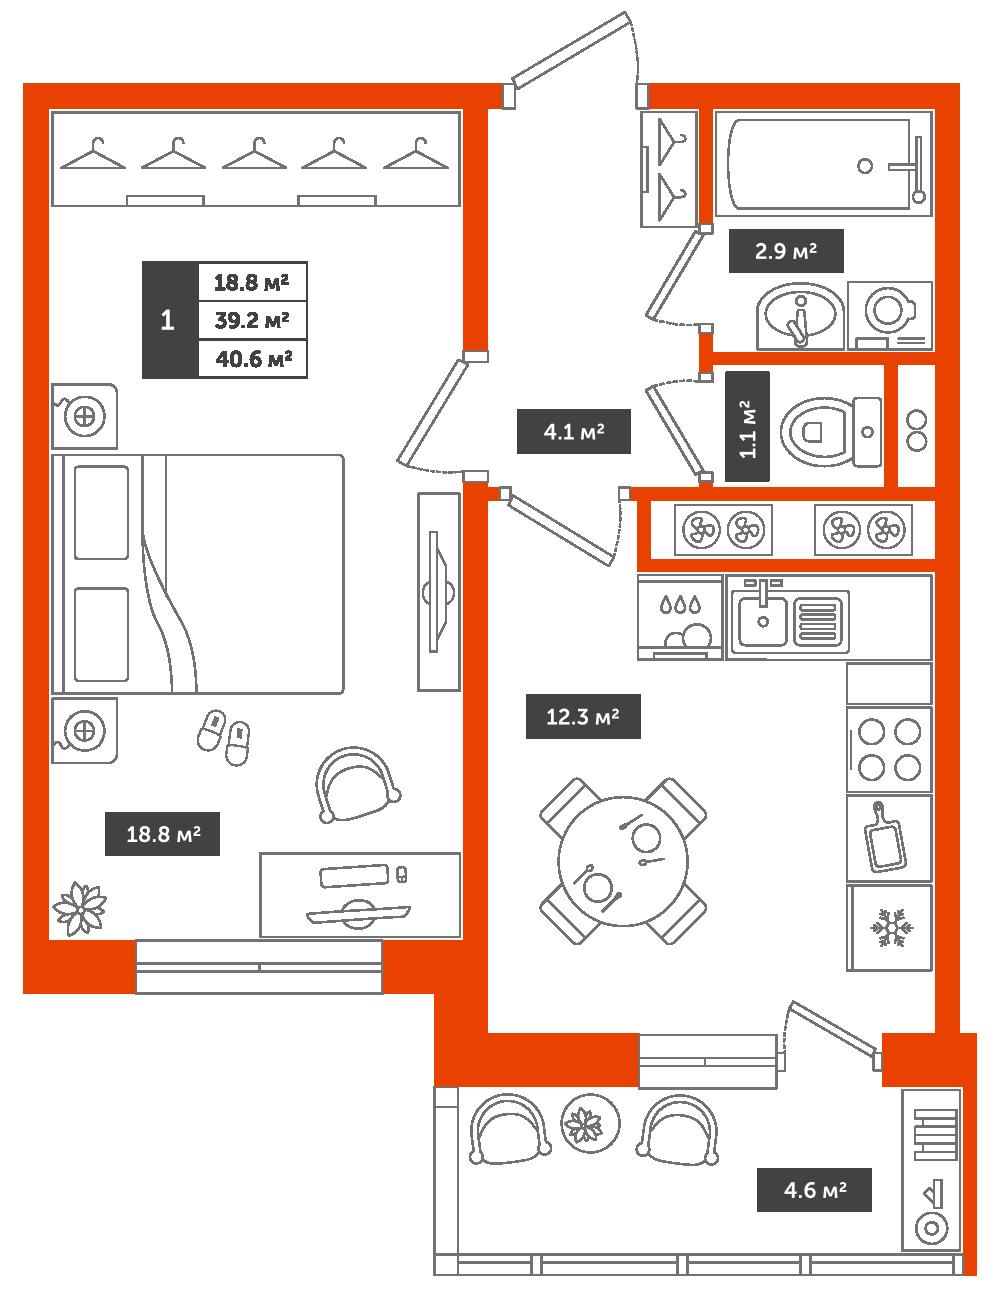 1-комнатная квартира, 40.6м² за 4,7 млн руб.